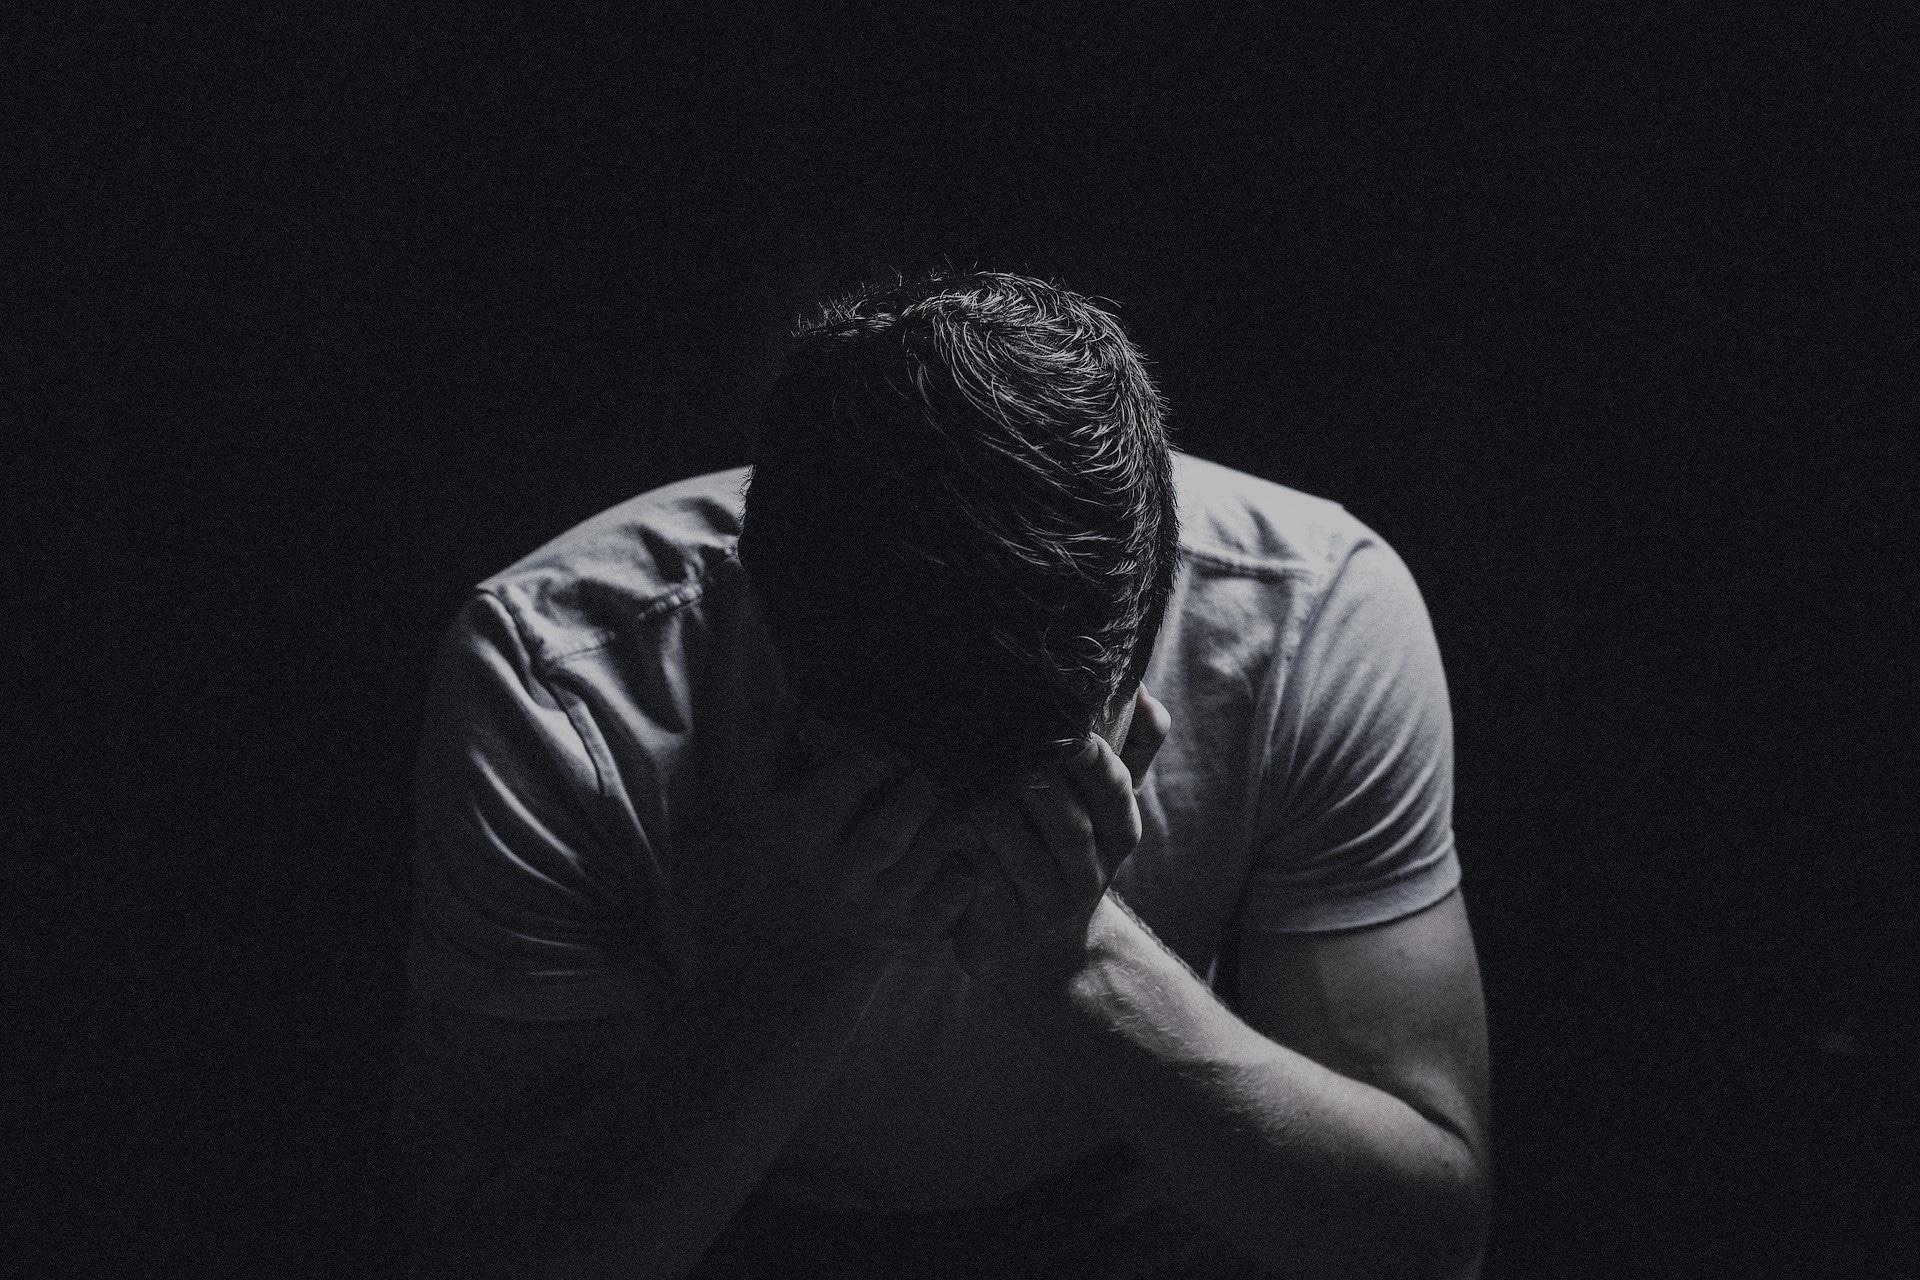 oración de desespero